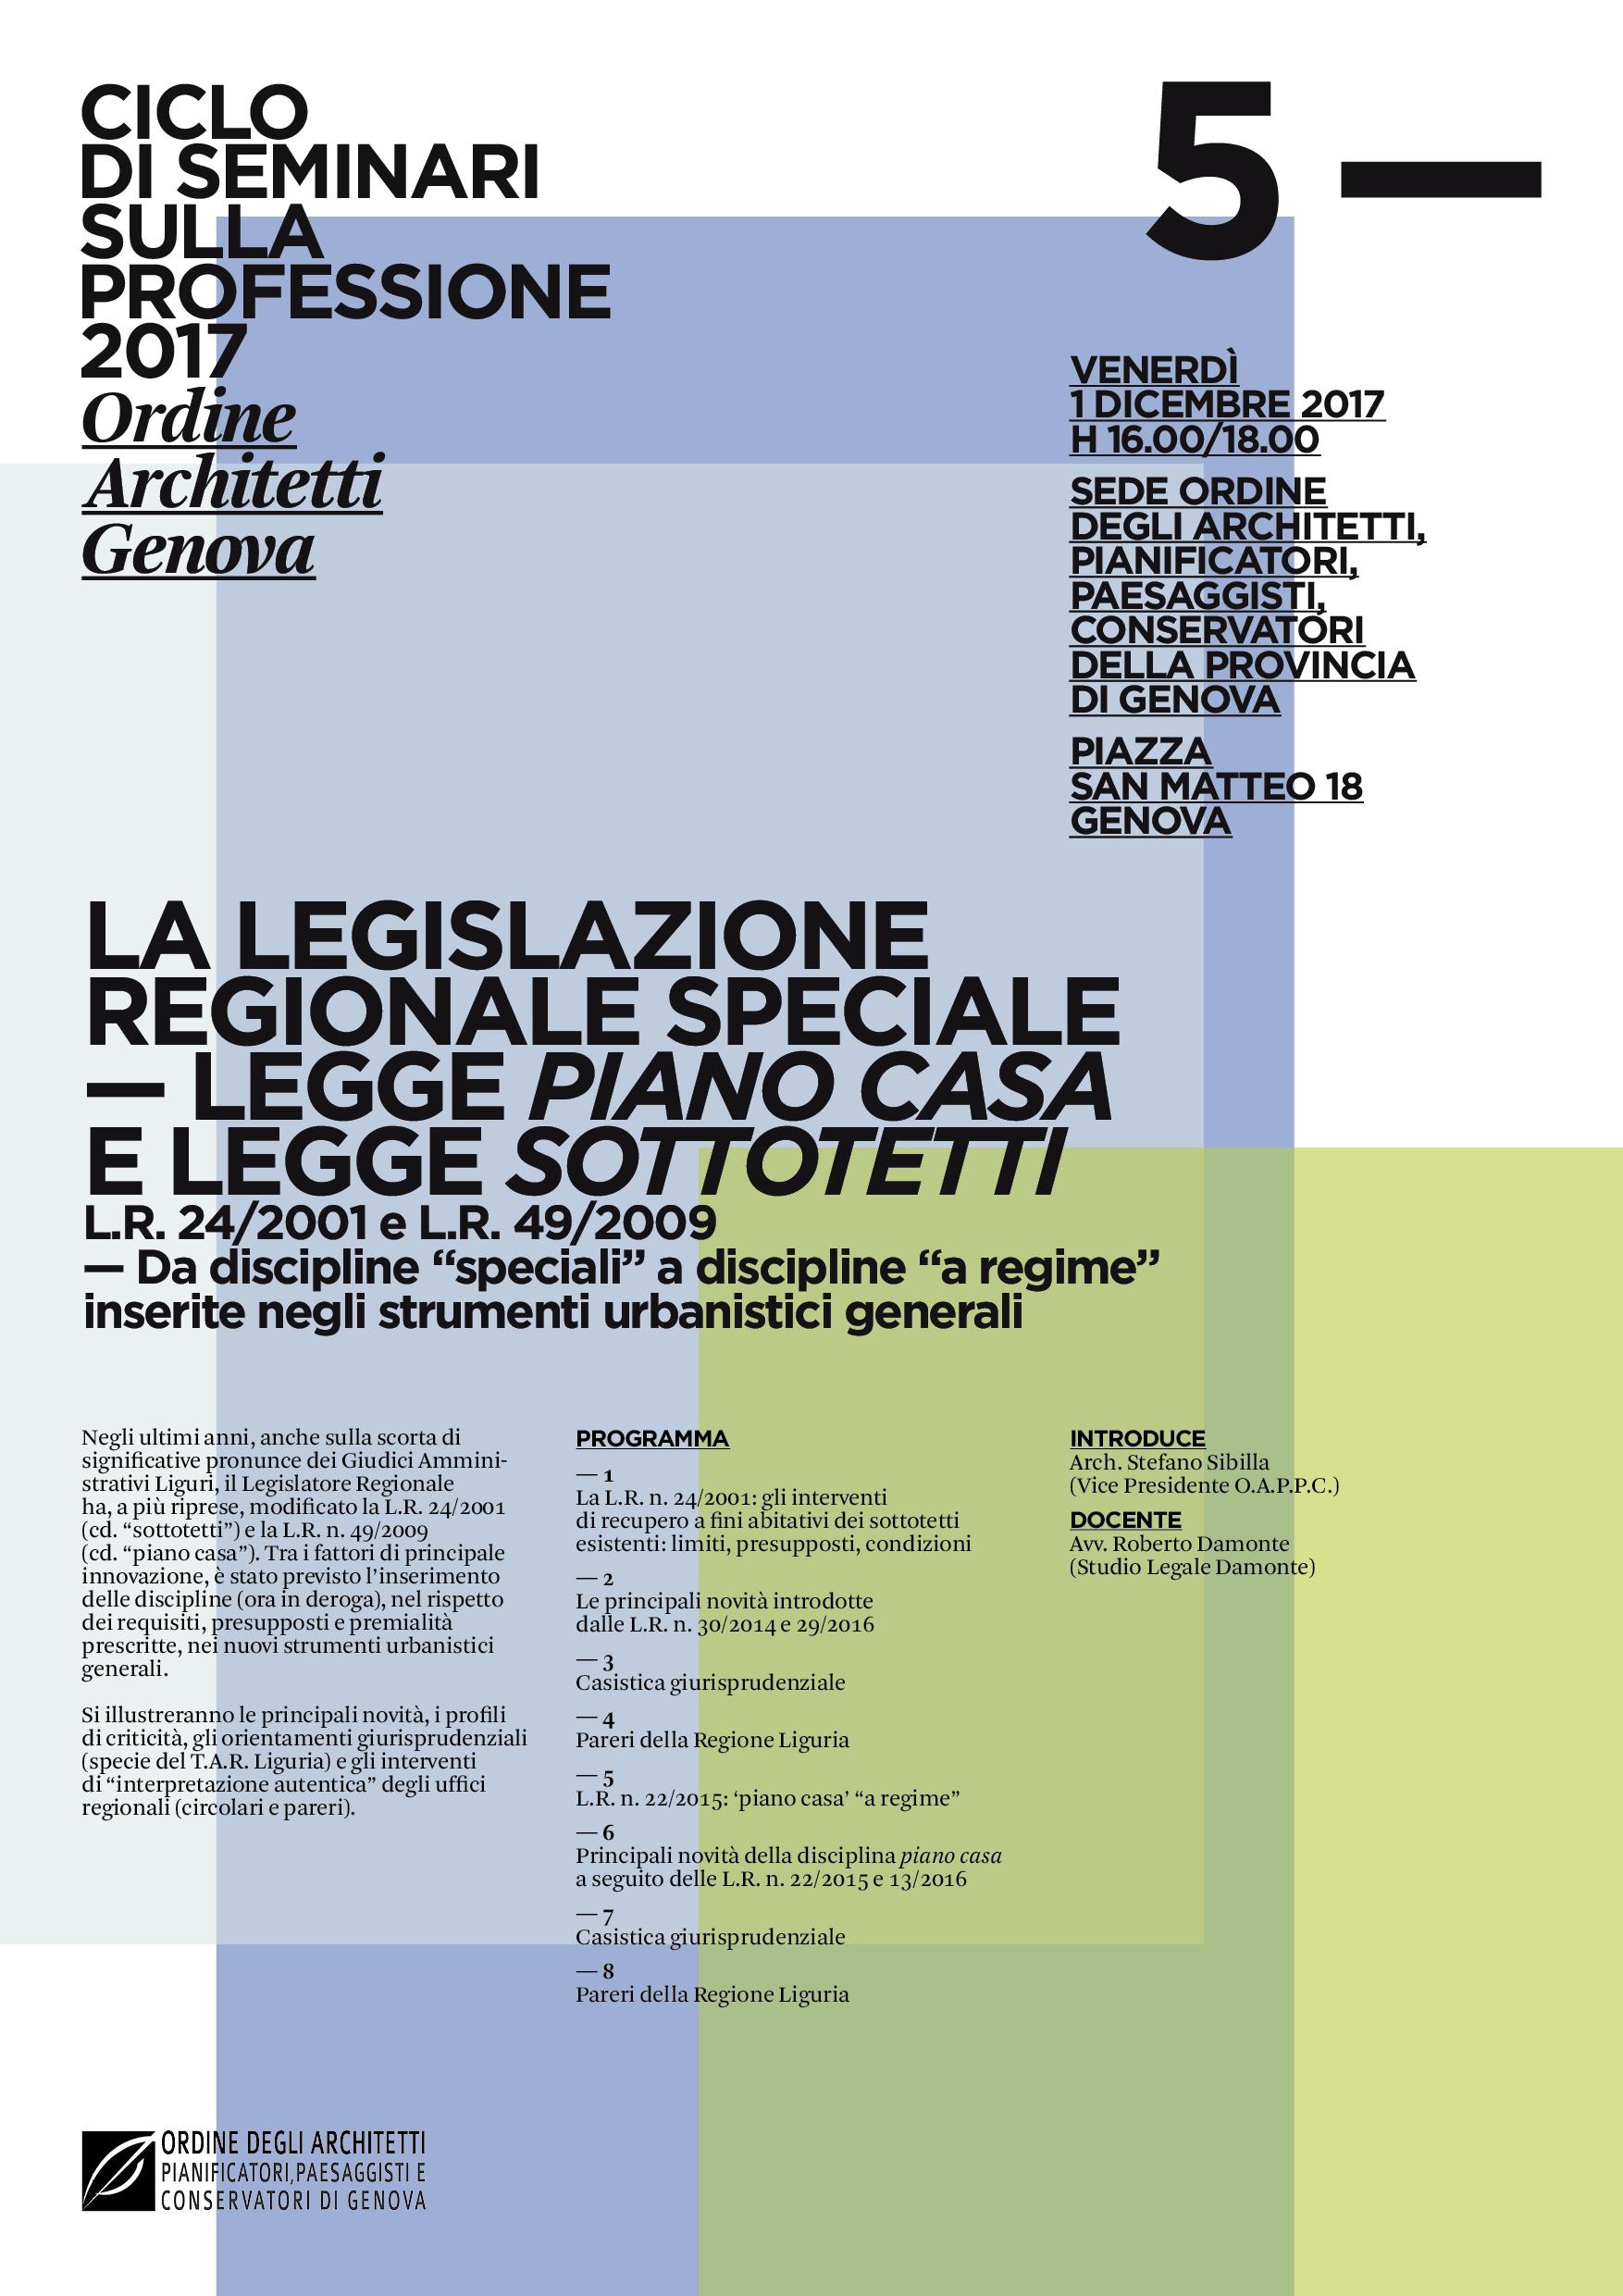 La legislazione regionale speciale legge piano casa e - Legge piano casa ...